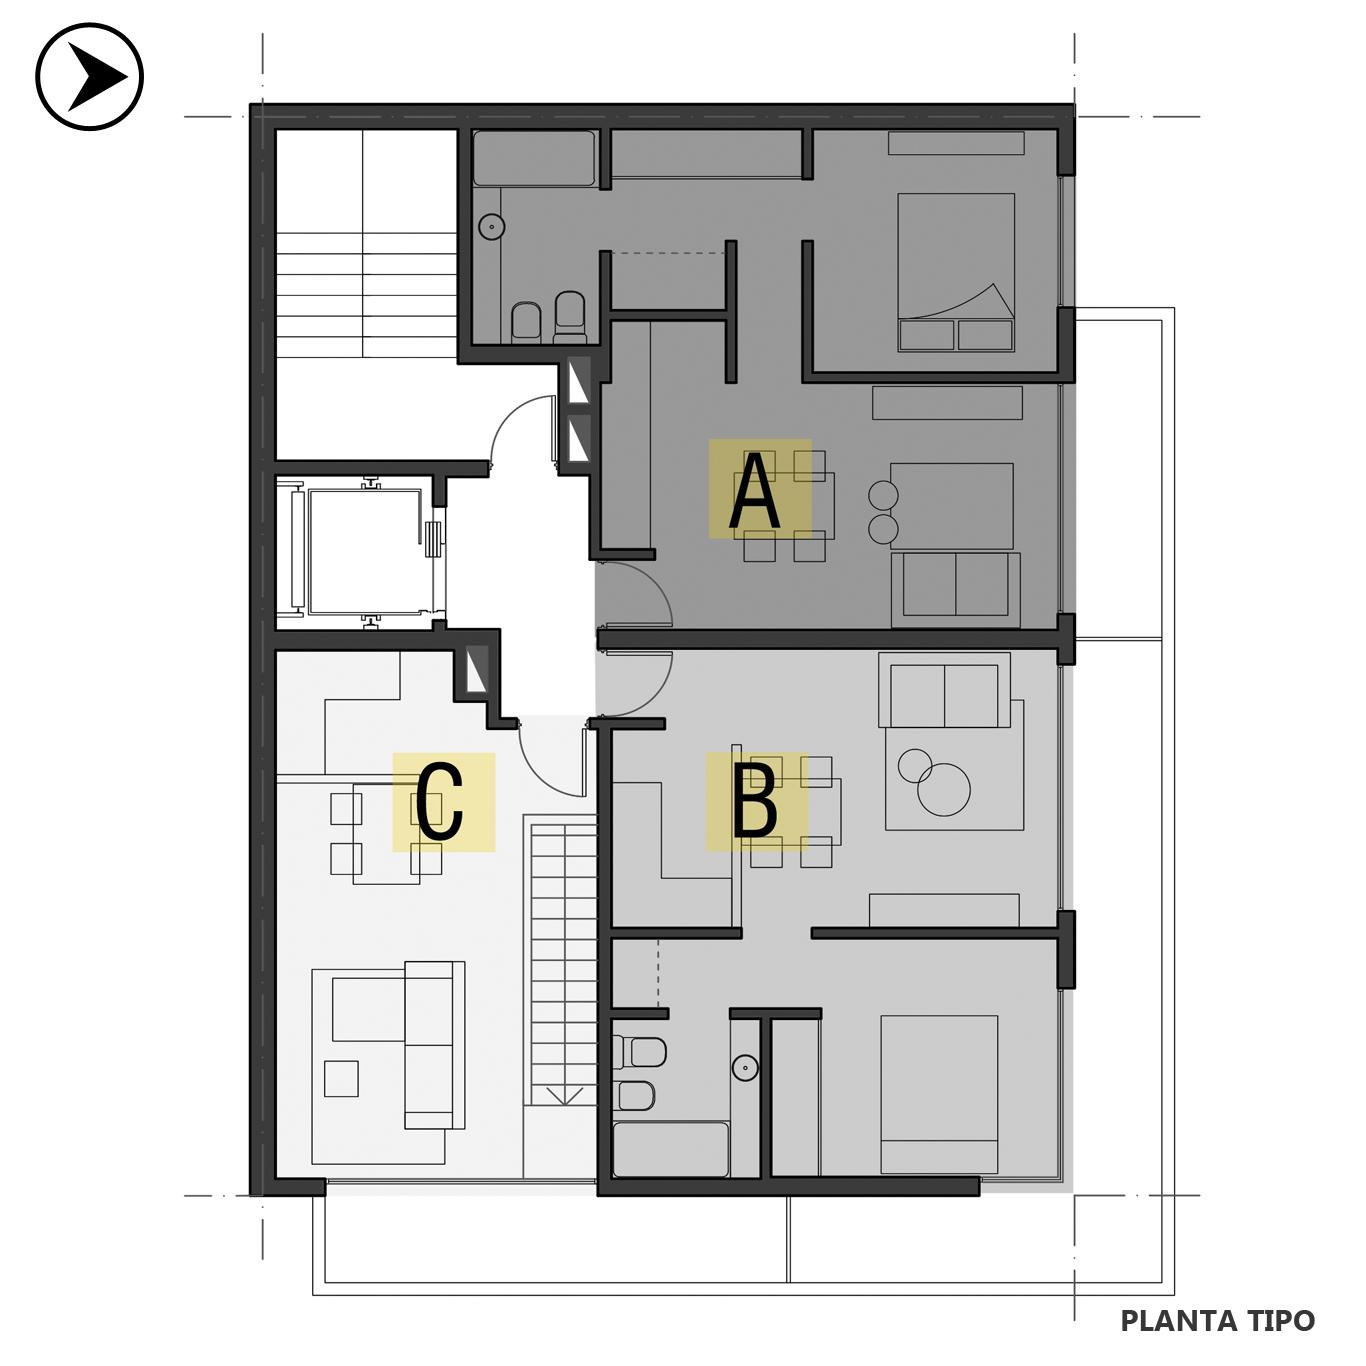 Venta departamento 1 dormitorio Rosario, Centro. Cod CBU24188 AP2257774. Crestale Propiedades